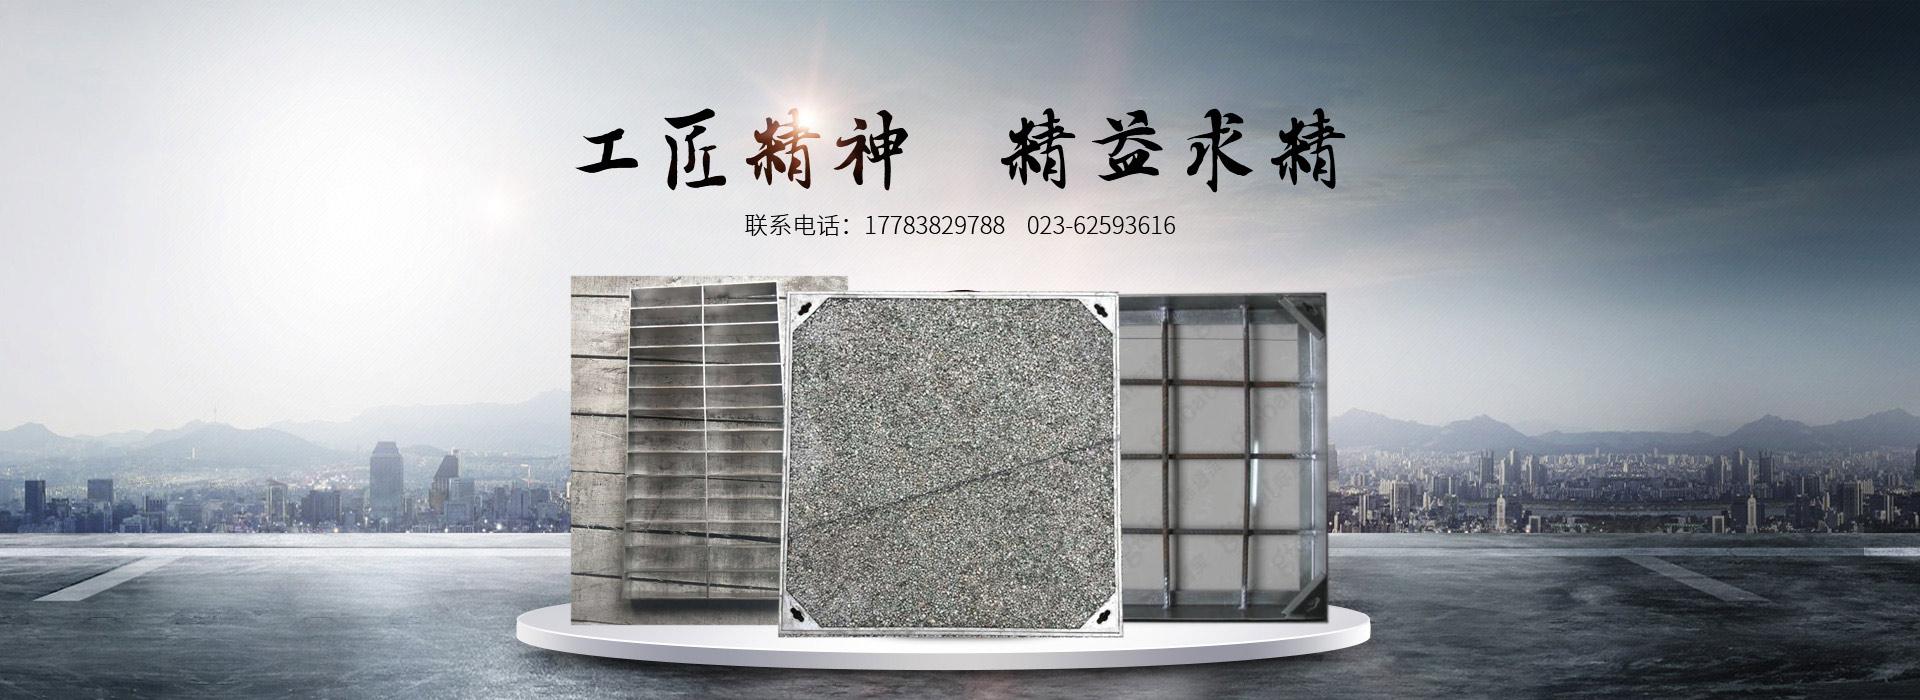 重庆不锈钢厂家